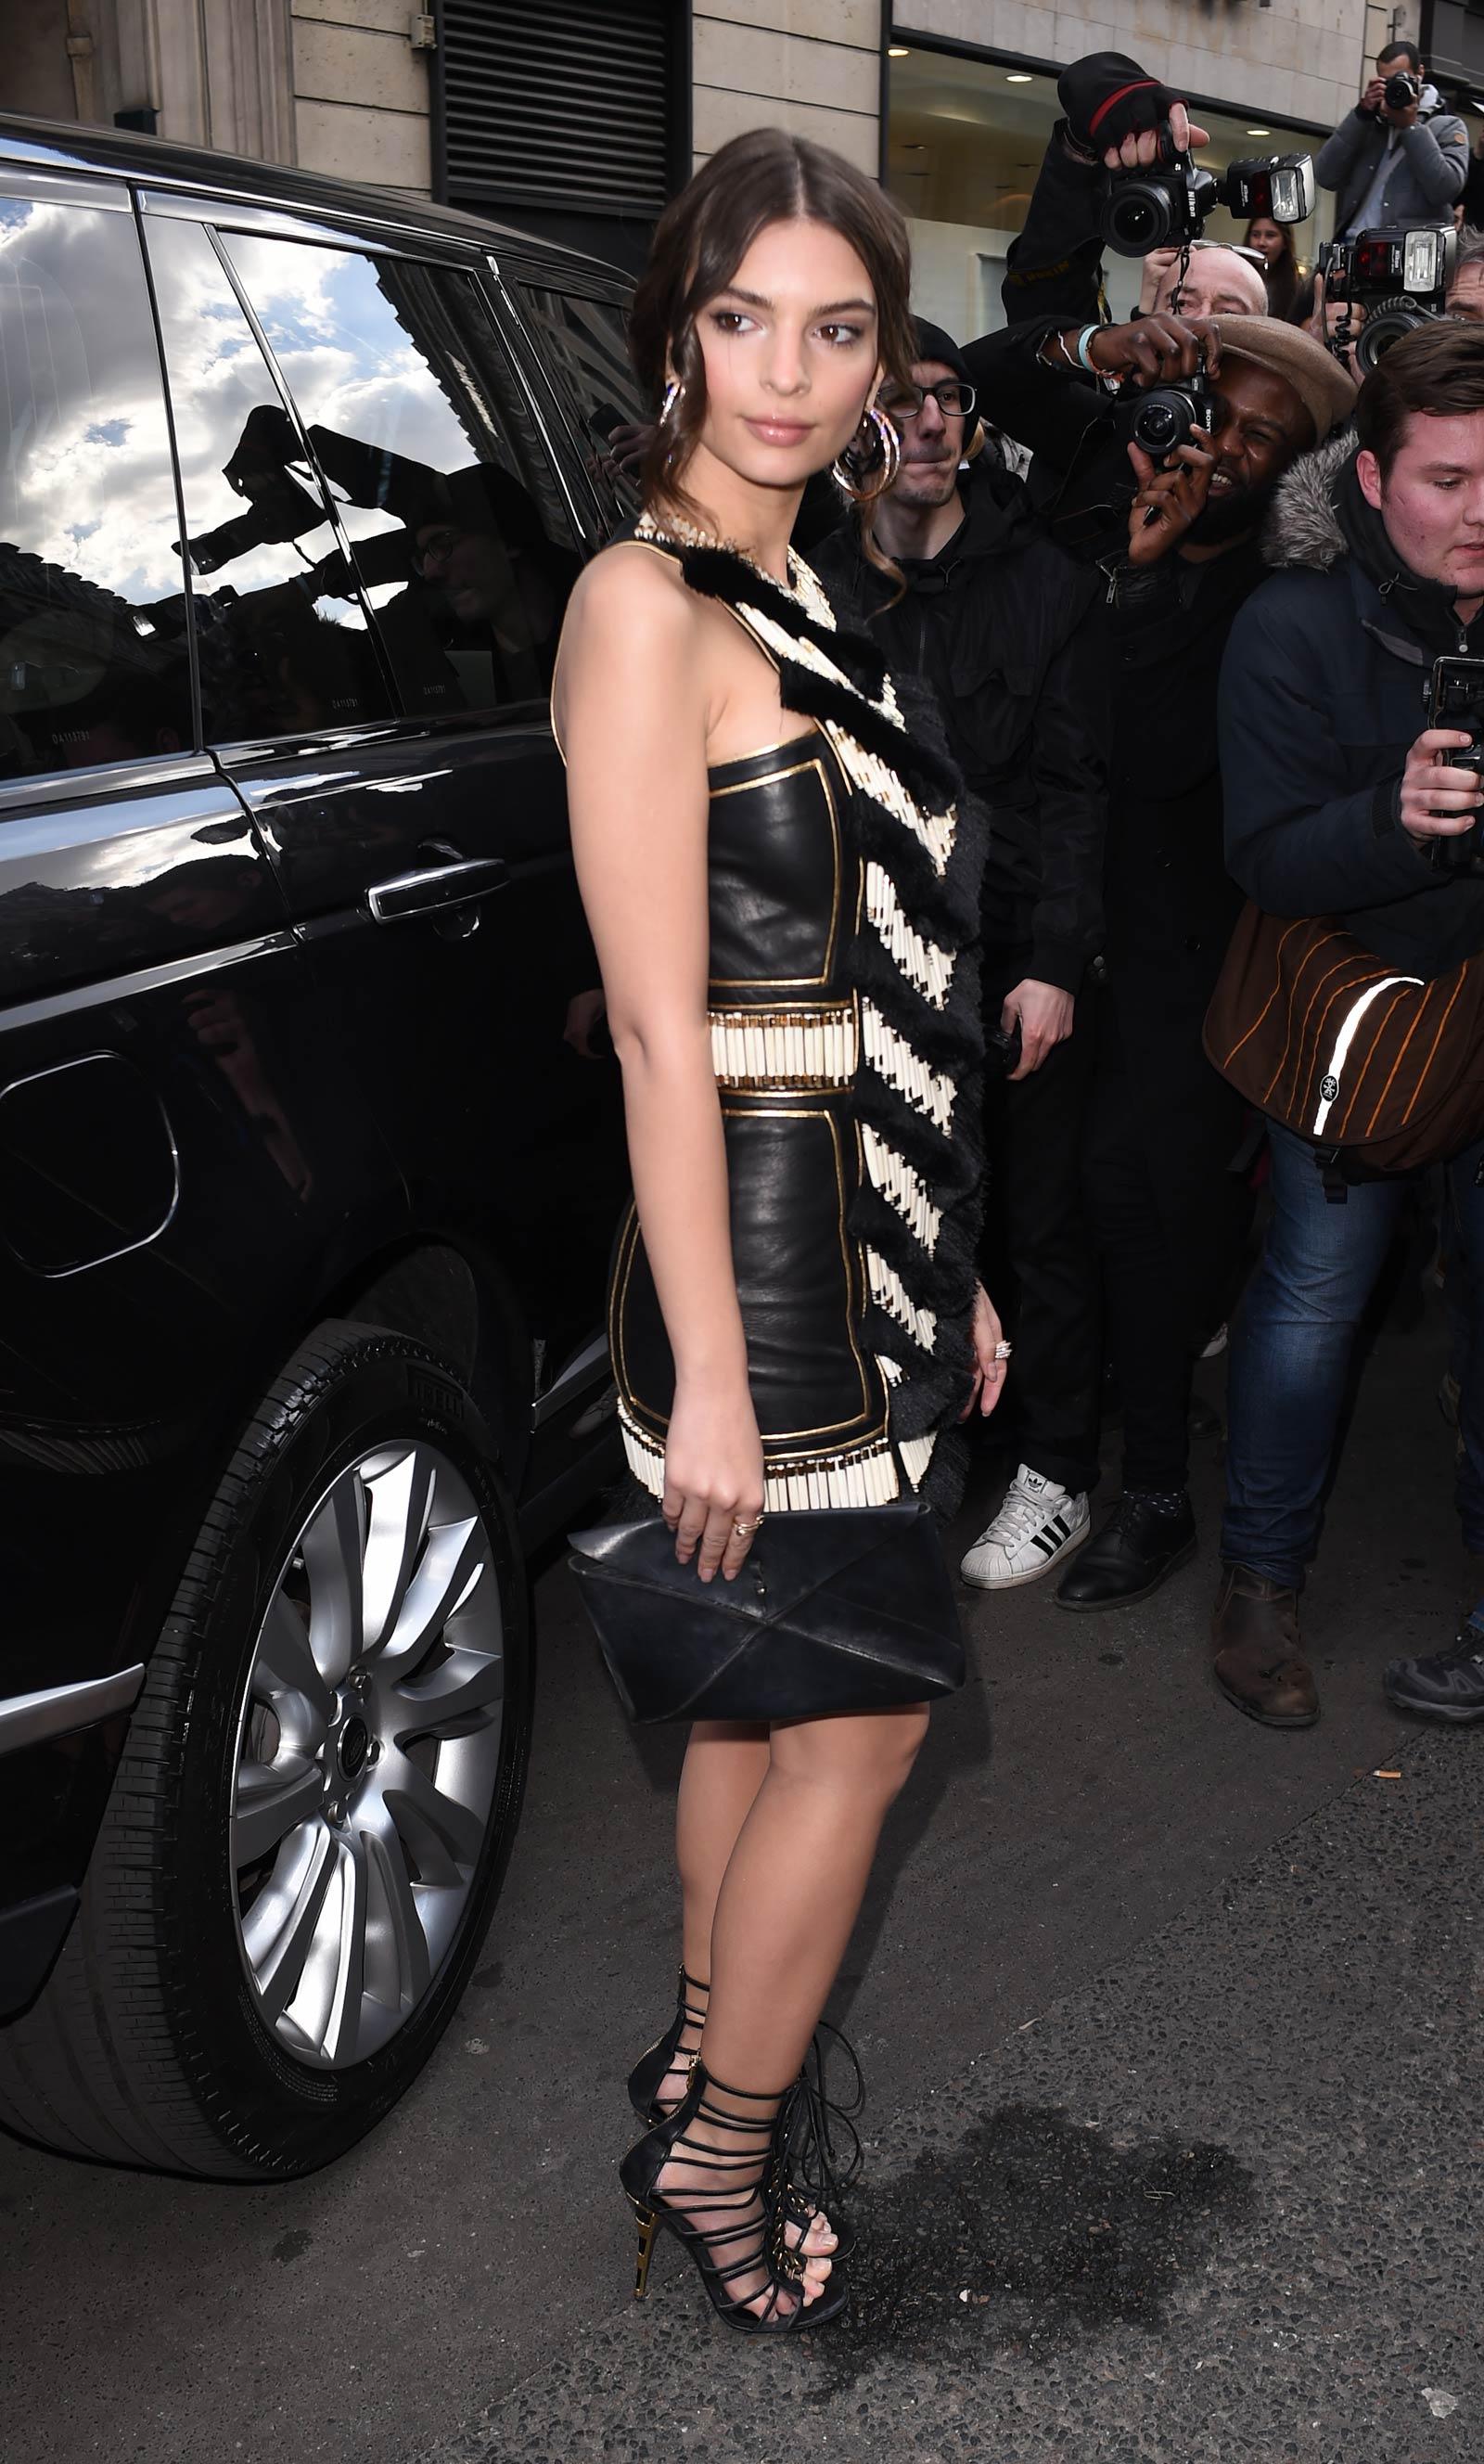 Emily Ratajkowski attends Balmain show during Paris Fashion Week